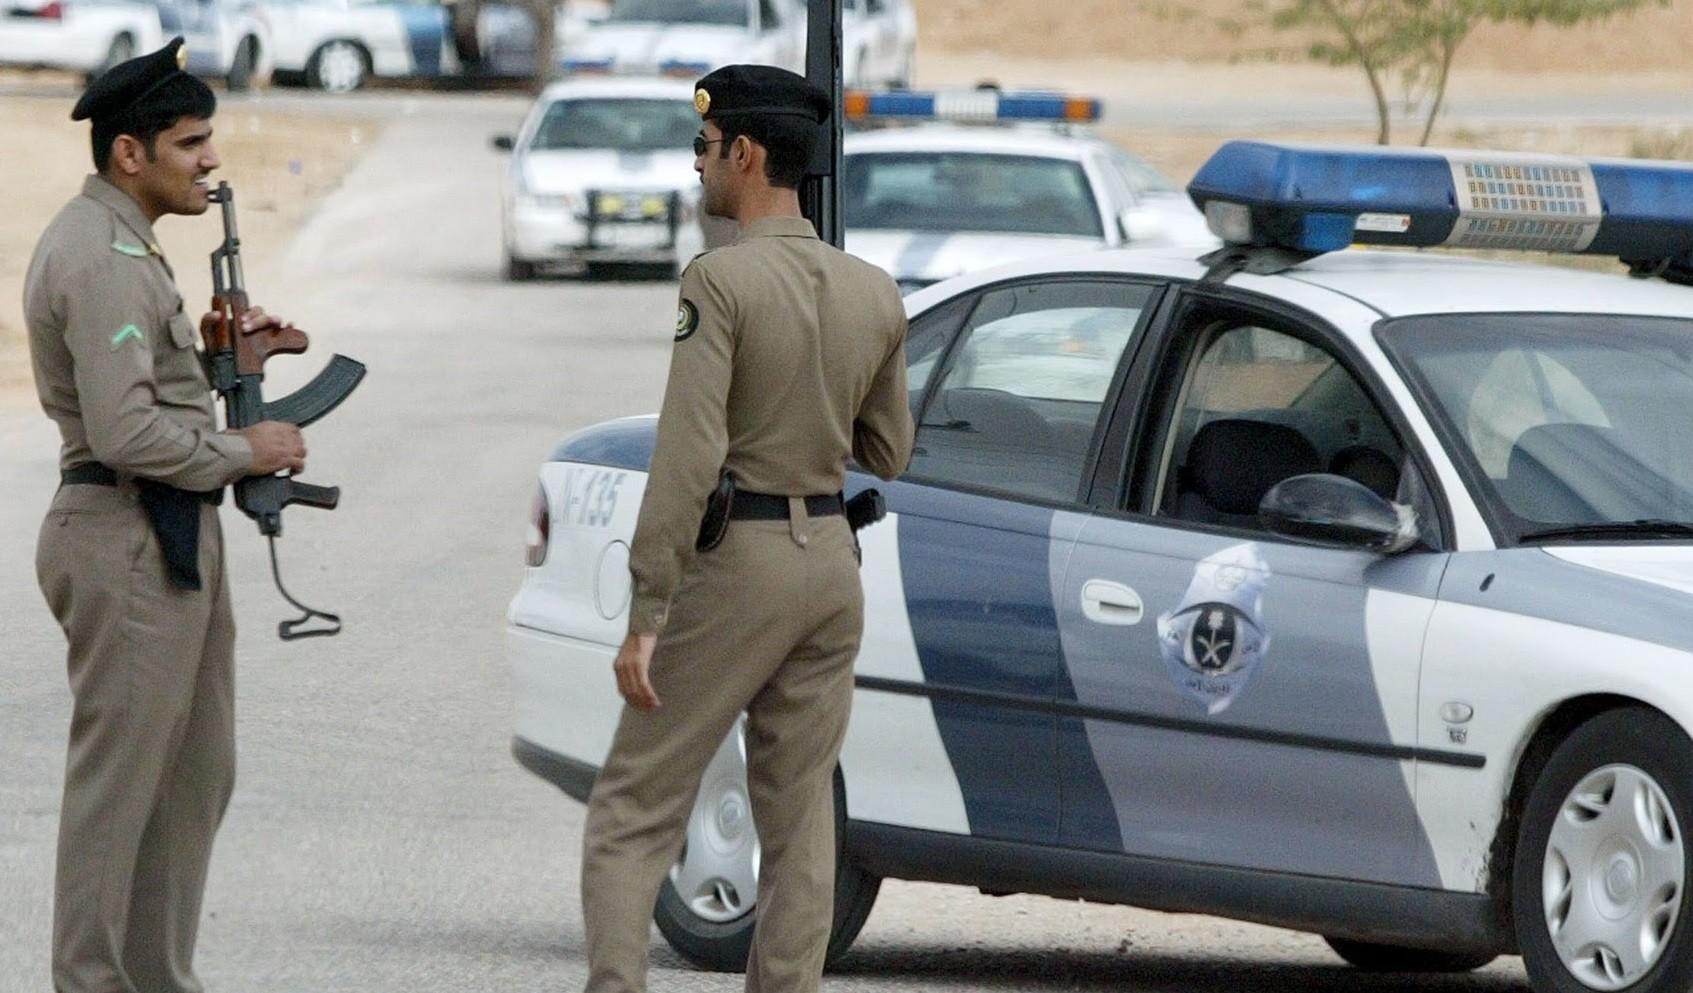 ВДТП вСаудовской Аравии погибли девятнадцать паломников изЕгипта